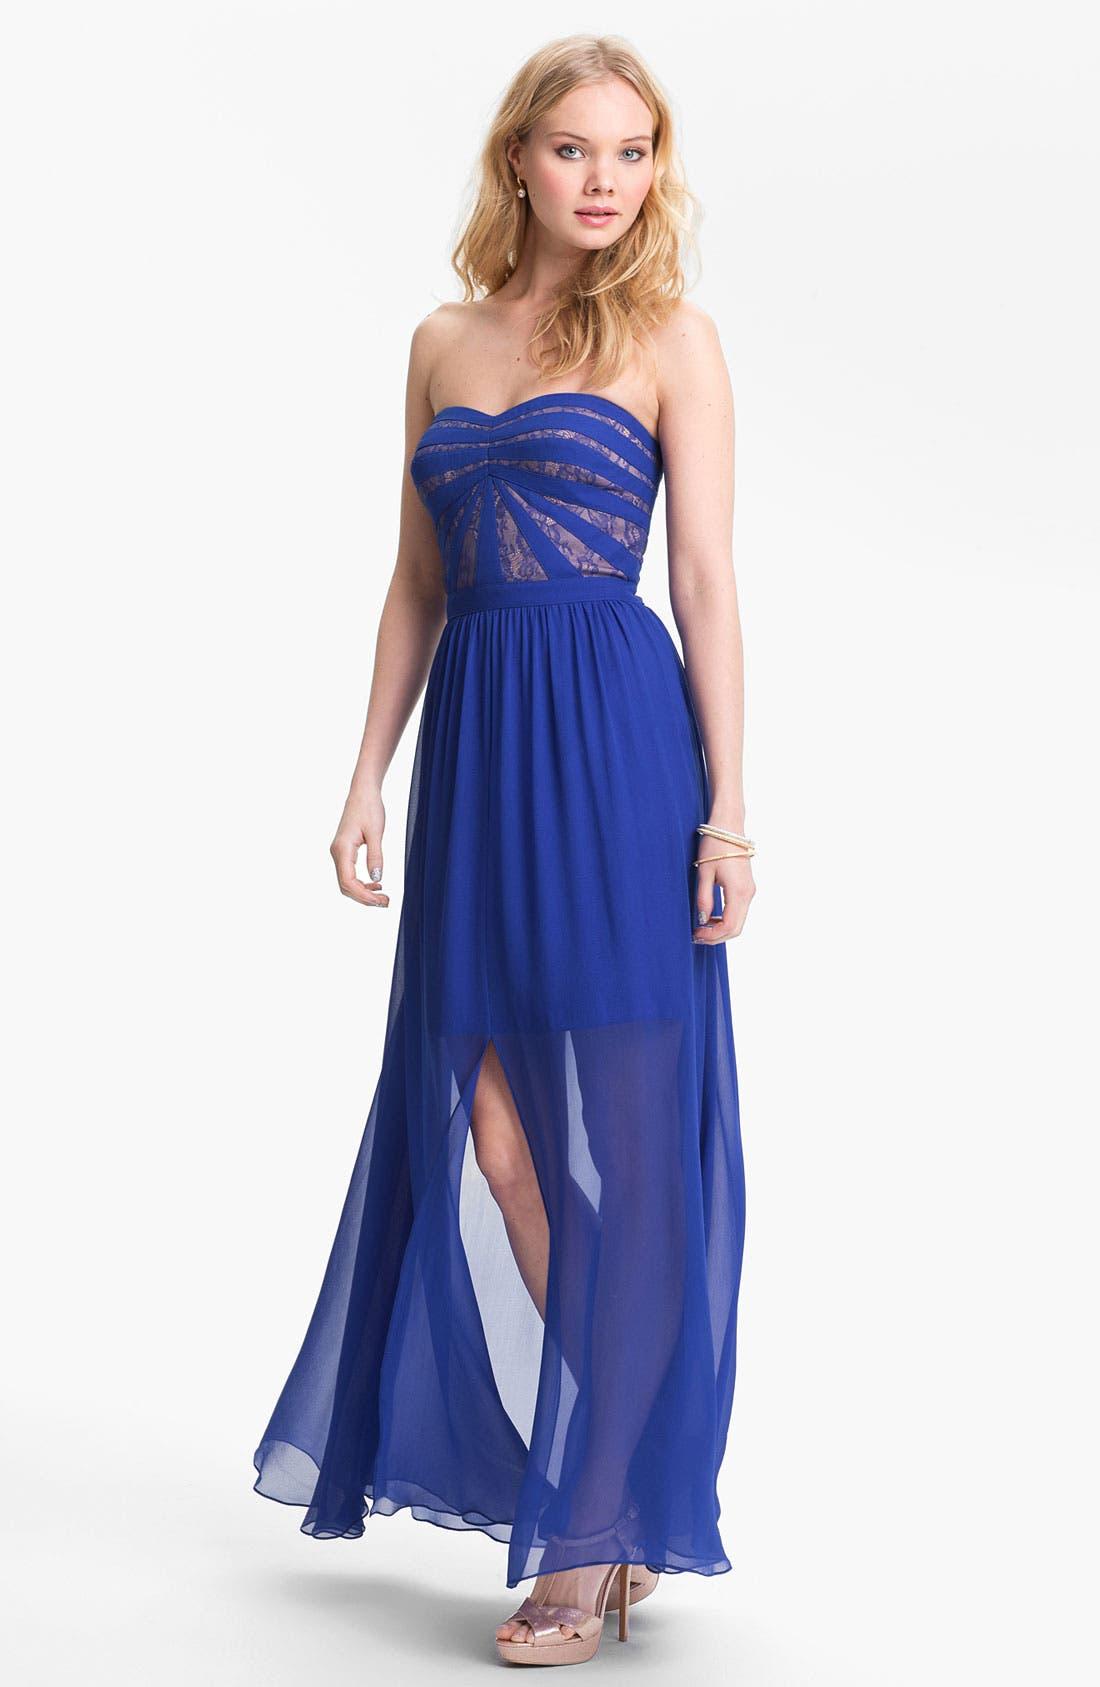 Main Image - Aidan by Aidan Mattox Strapless Lace & Chiffon Dress